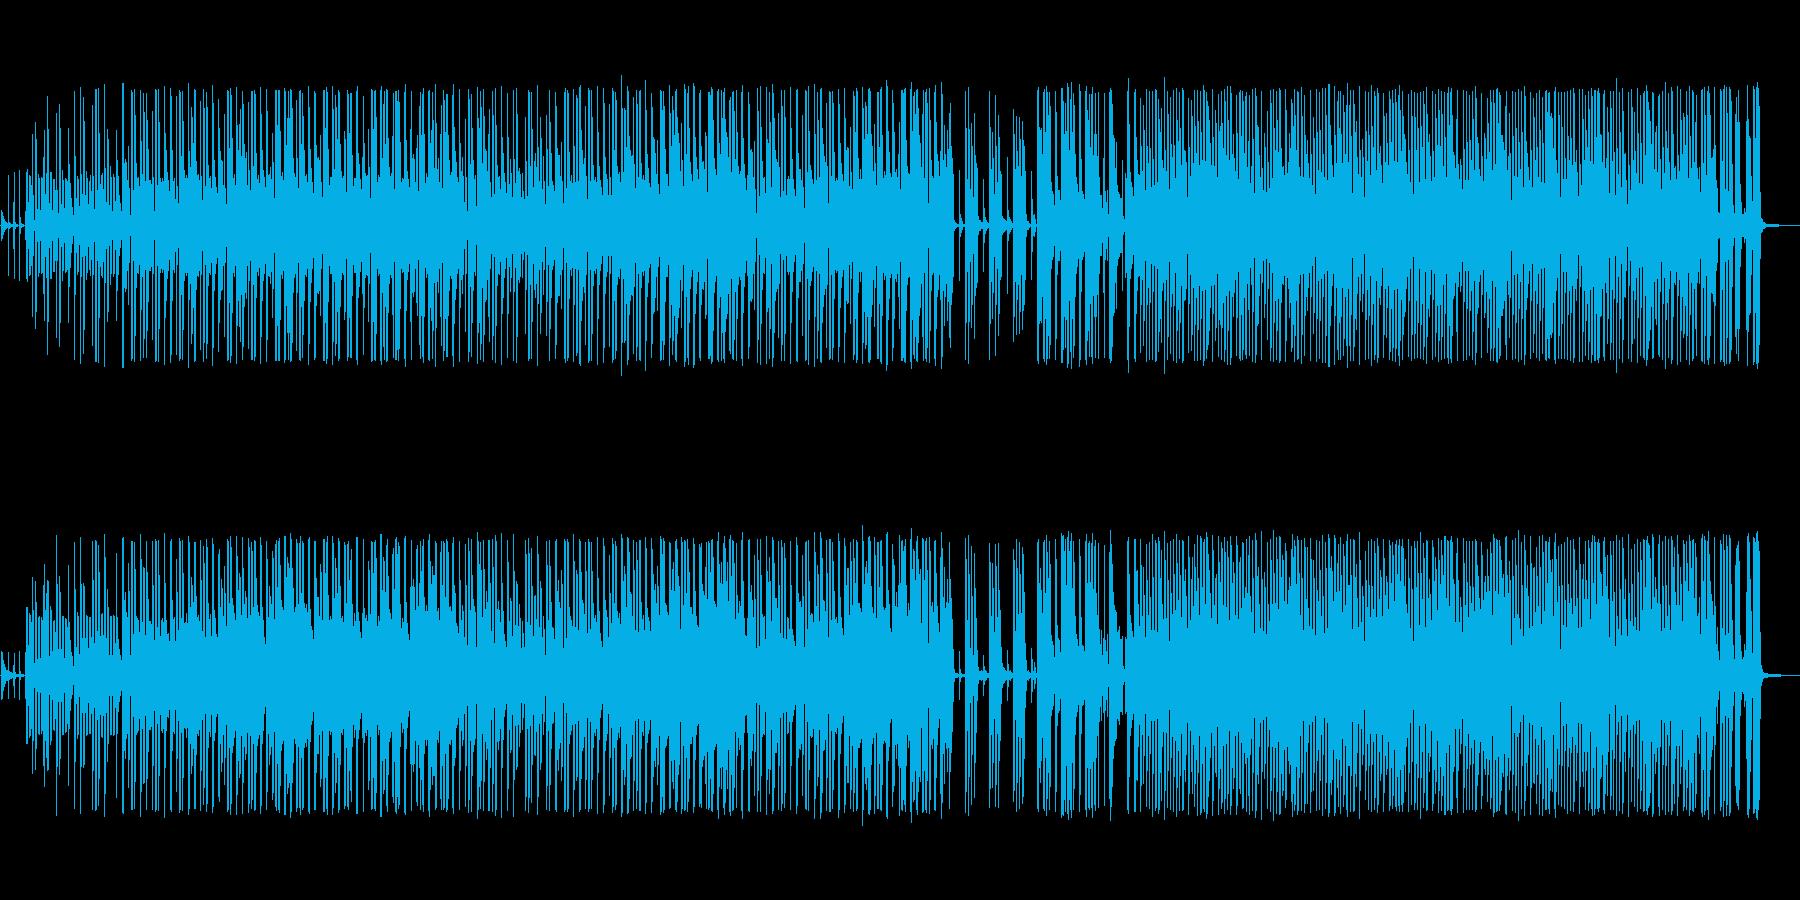 シンプルで軽快なピアノポップスの再生済みの波形